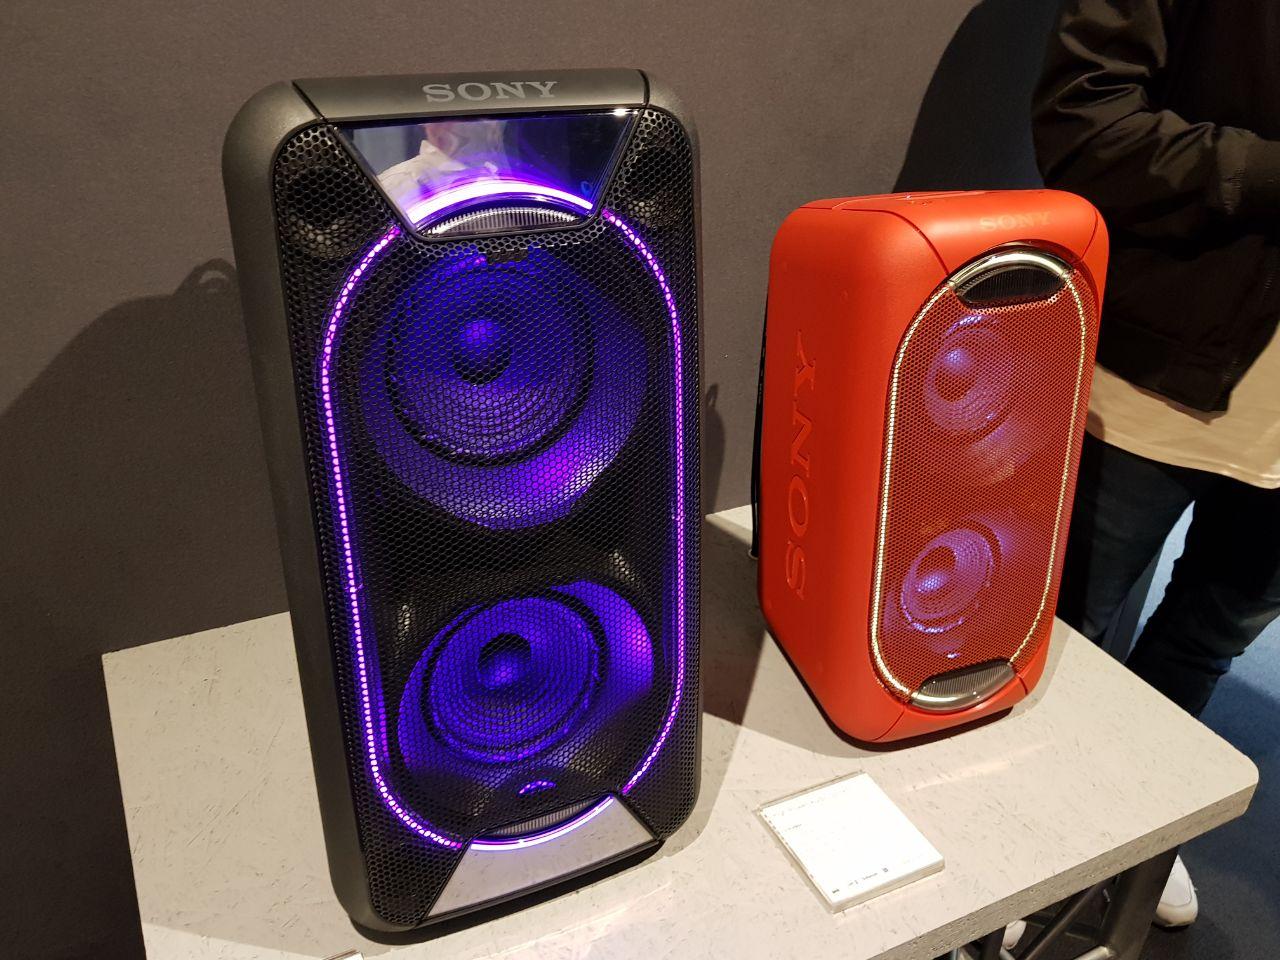 سوني تقدم سماعات و مكبرات صوت و كاميرات جديدة في معرض IFA 2017 في برلين